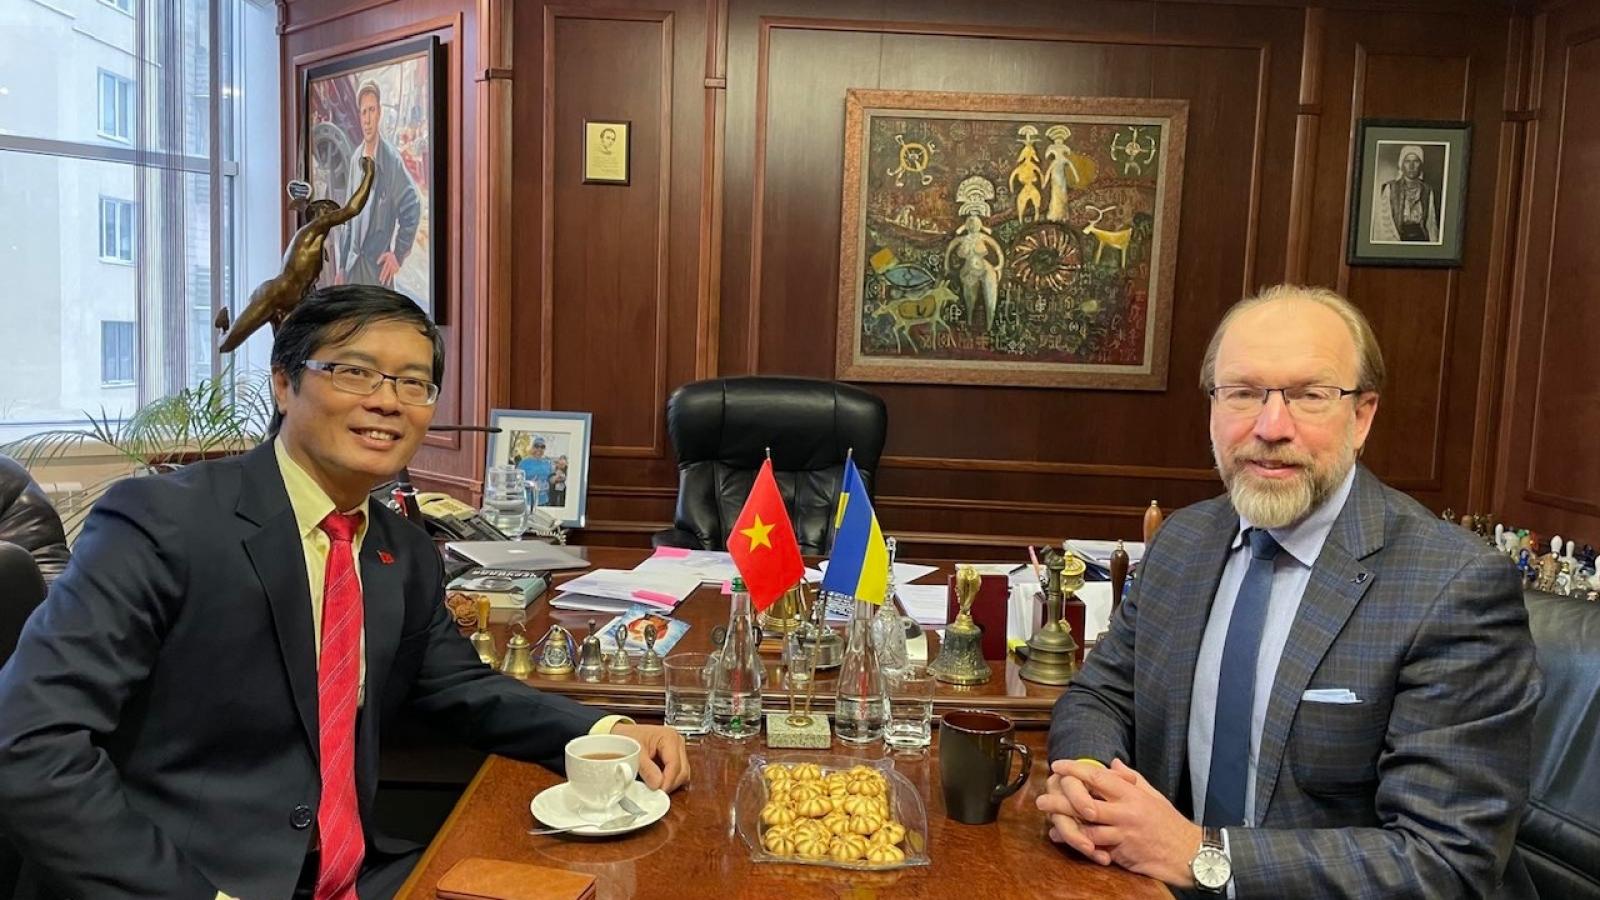 Đại sứ Nguyễn Hồng Thạch thăm và làm việc với Phòng công nghiệp và thương mại Ukraina